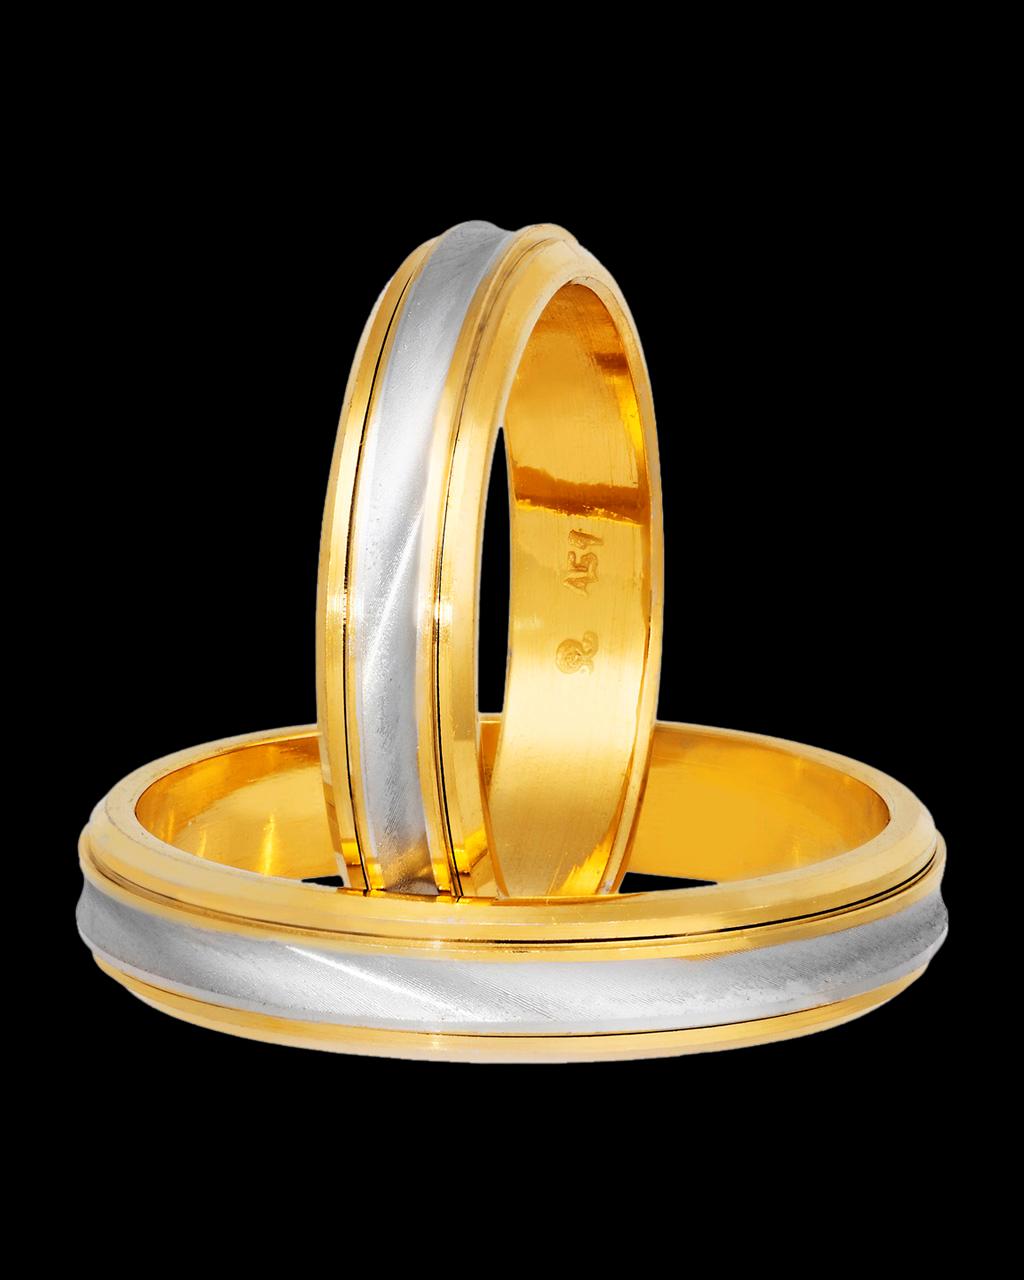 848d4d9f72cb Βέρες γάμου δίχρωμες χρυσός   λευκόχρυσος 9Κ-14Κ-18Κ